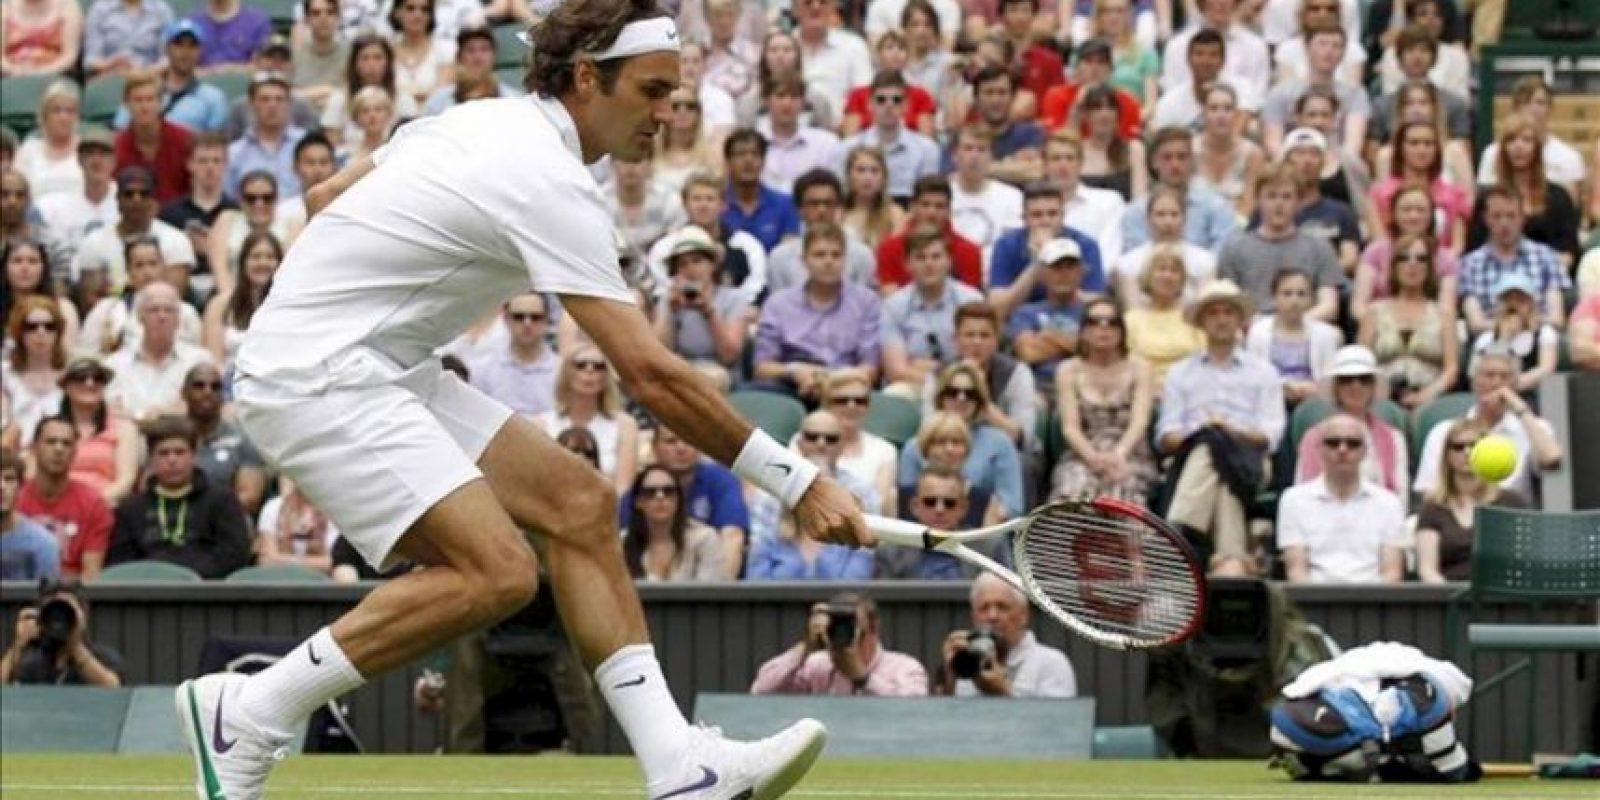 El tenista suizo Roger Federer golpea la bola durante su partido de la segunda ronda de Wimbledon disputado contra el italiano Fabio Fognini hoy, miércoles 27 de junio de 2012, en el All England Lawn de Londres, Reino Unido. EFE